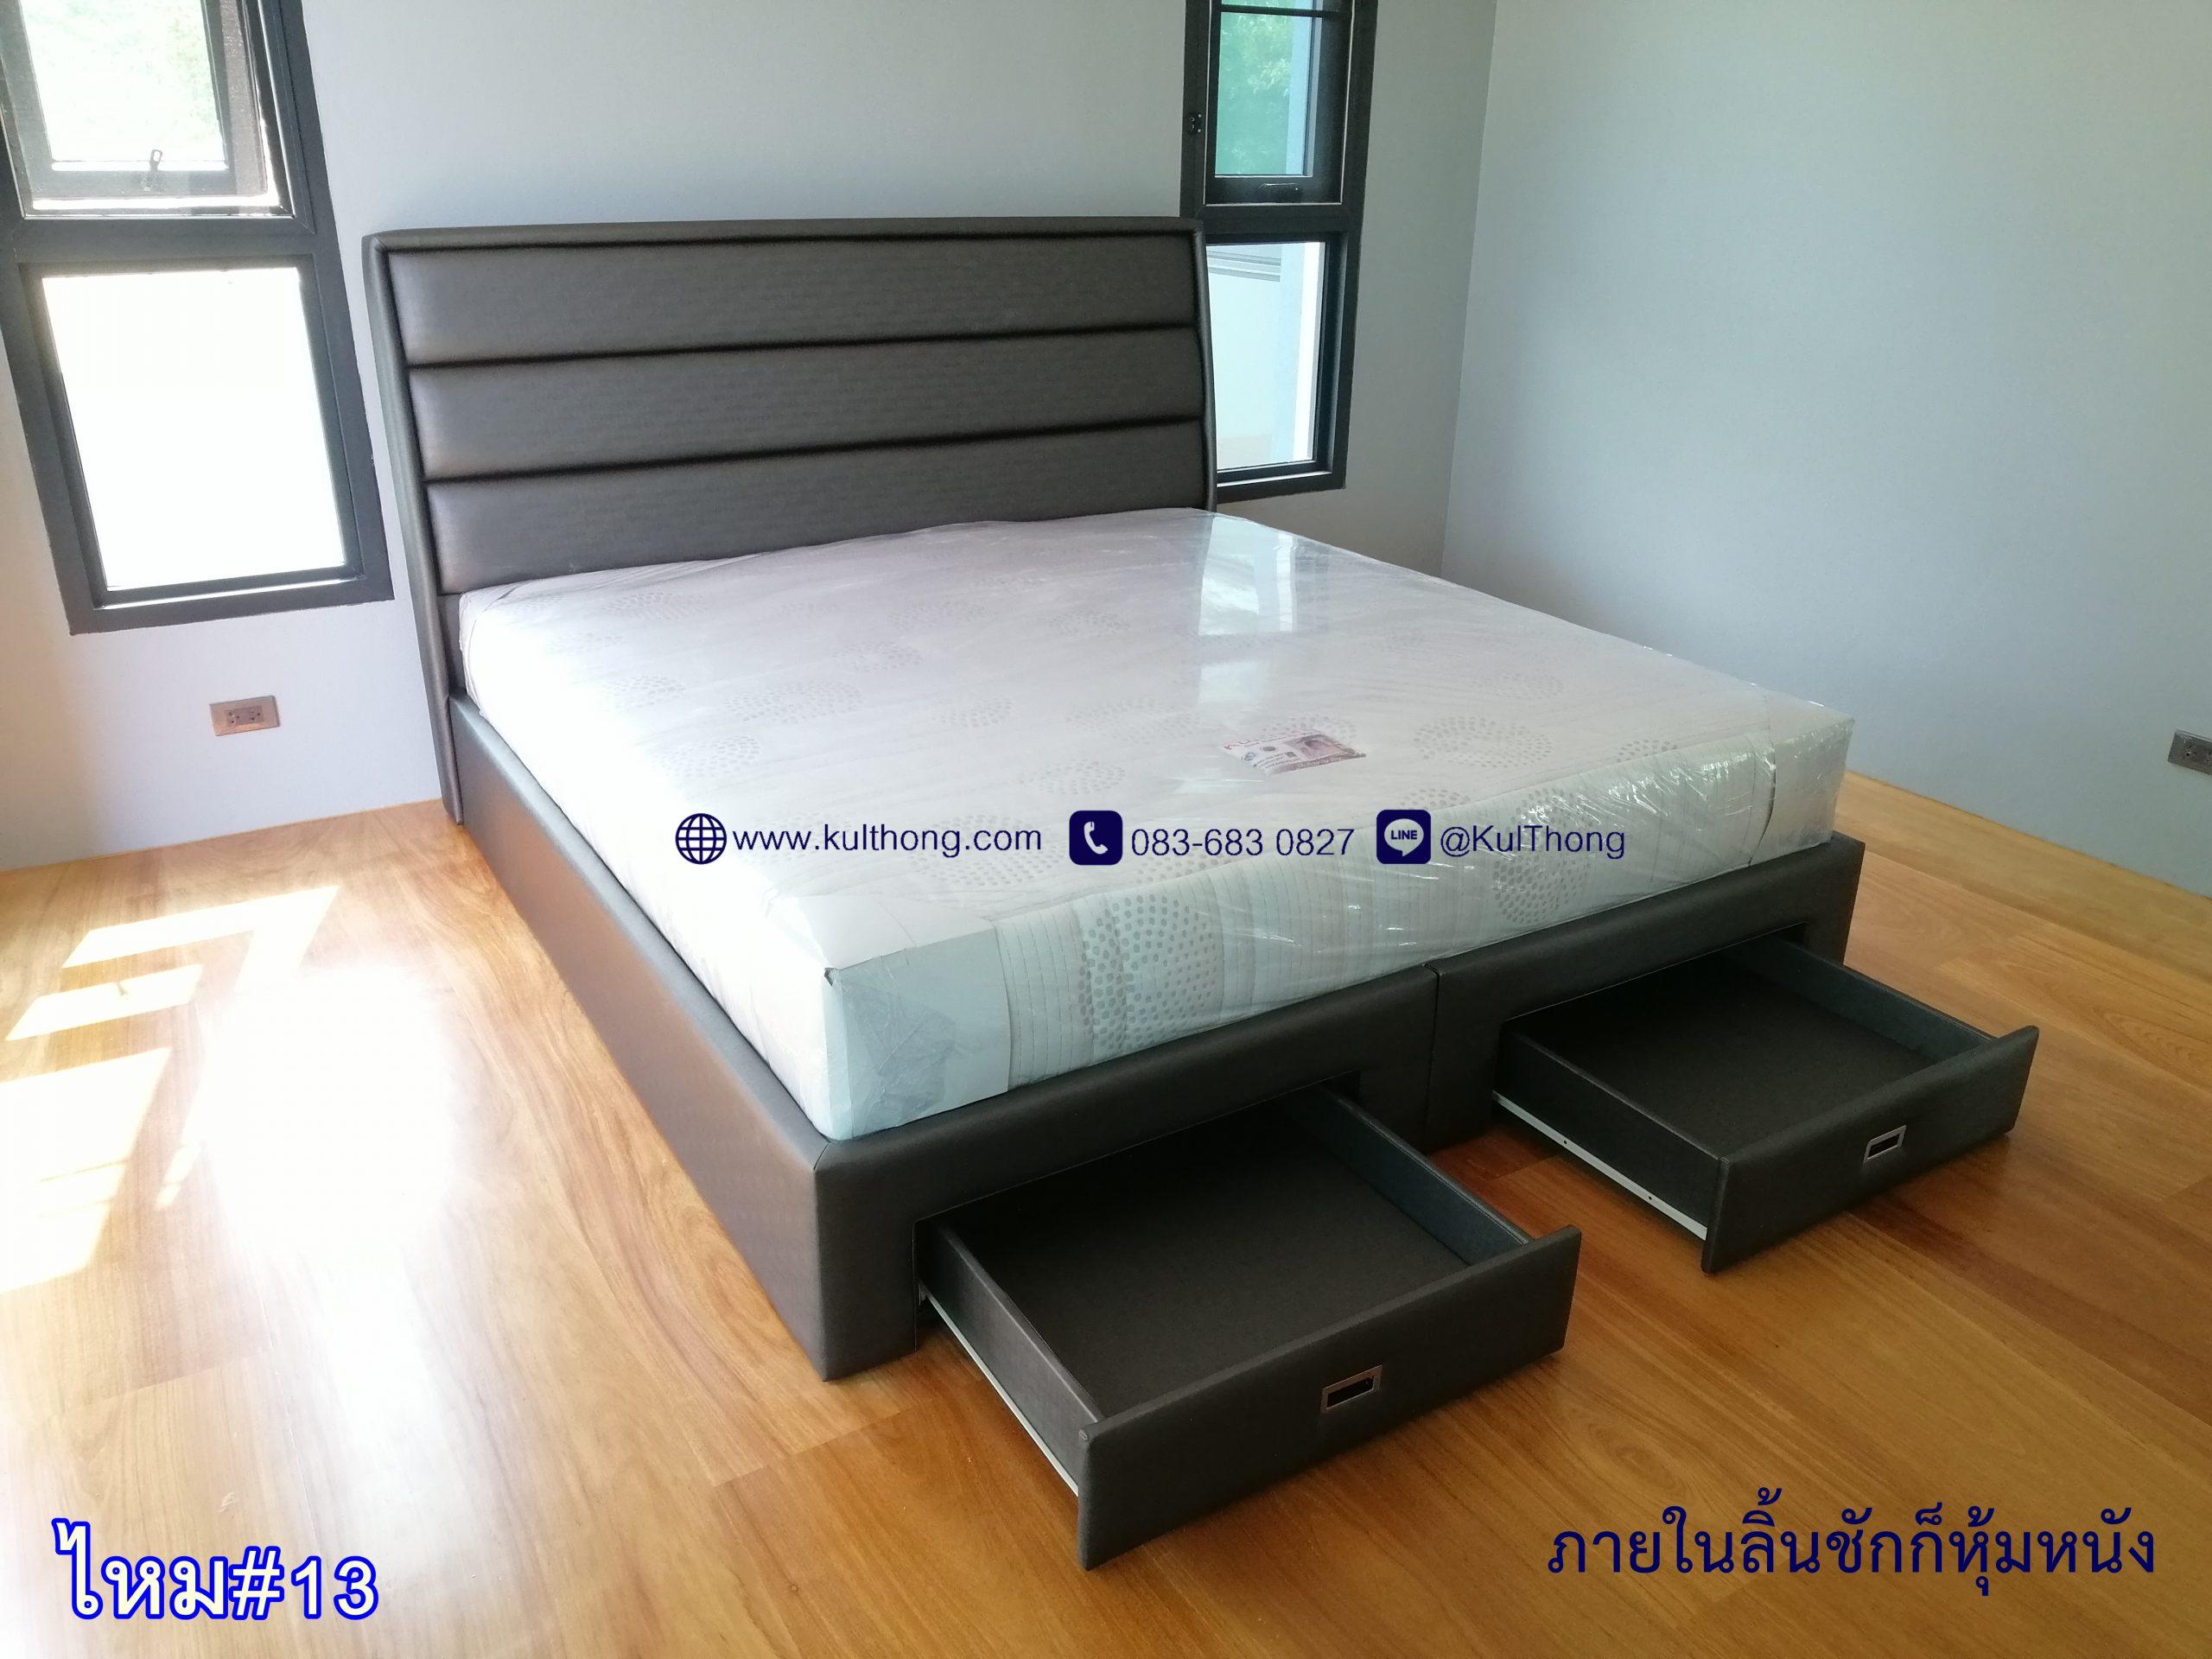 ฐานรองที่นอน เตียงหุ้มหนัง เตียงมีลิ้นชัก เตียงมีช่องเก็บของ